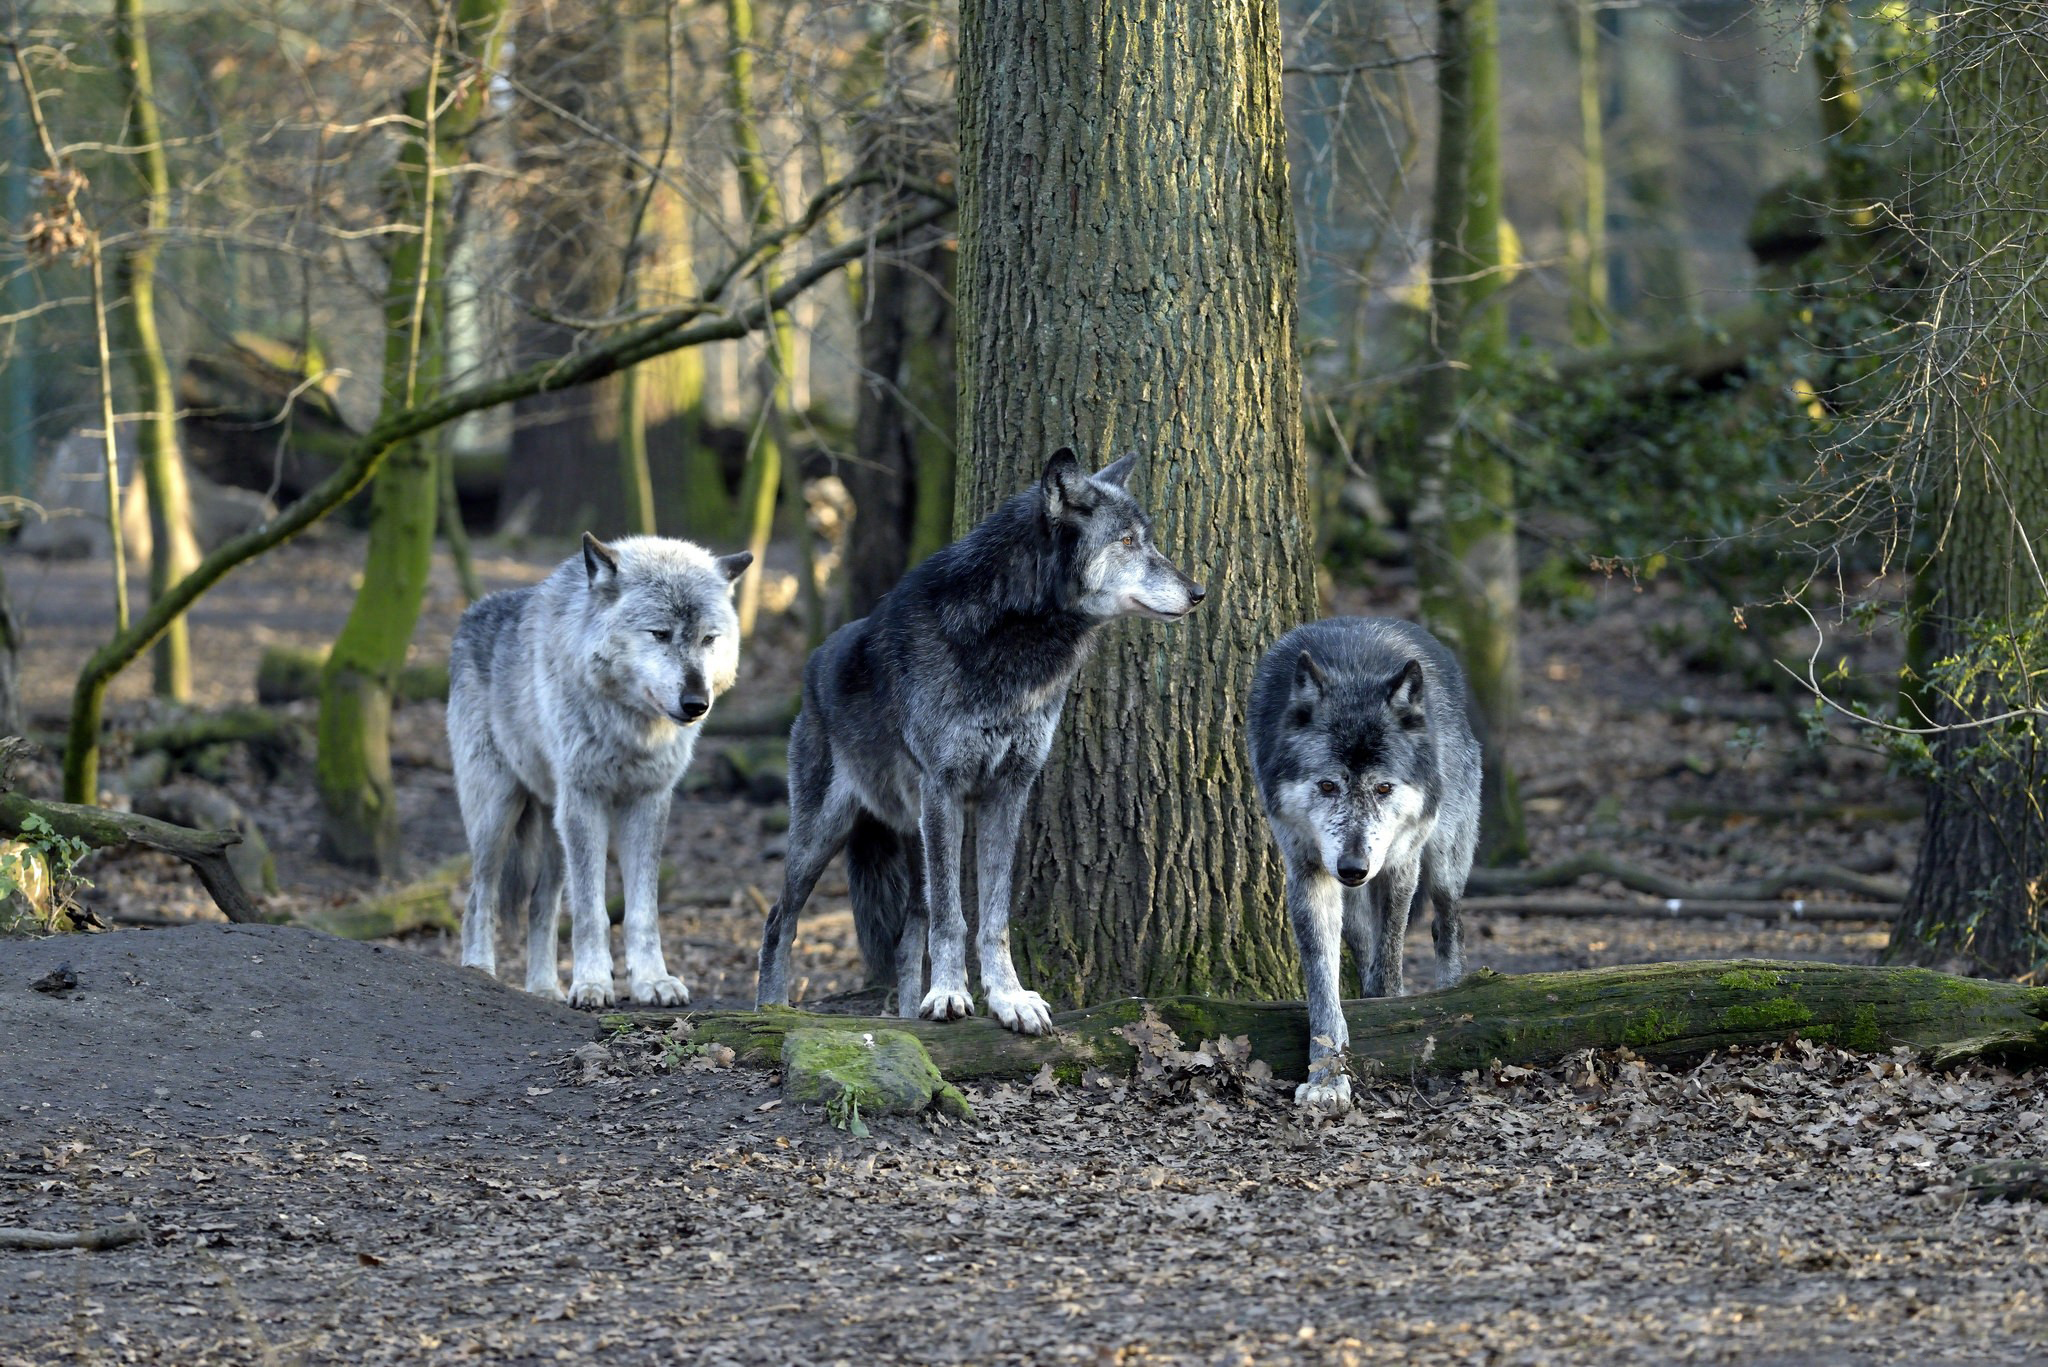 Картинка: Волки, стая, лес, деревья, листья